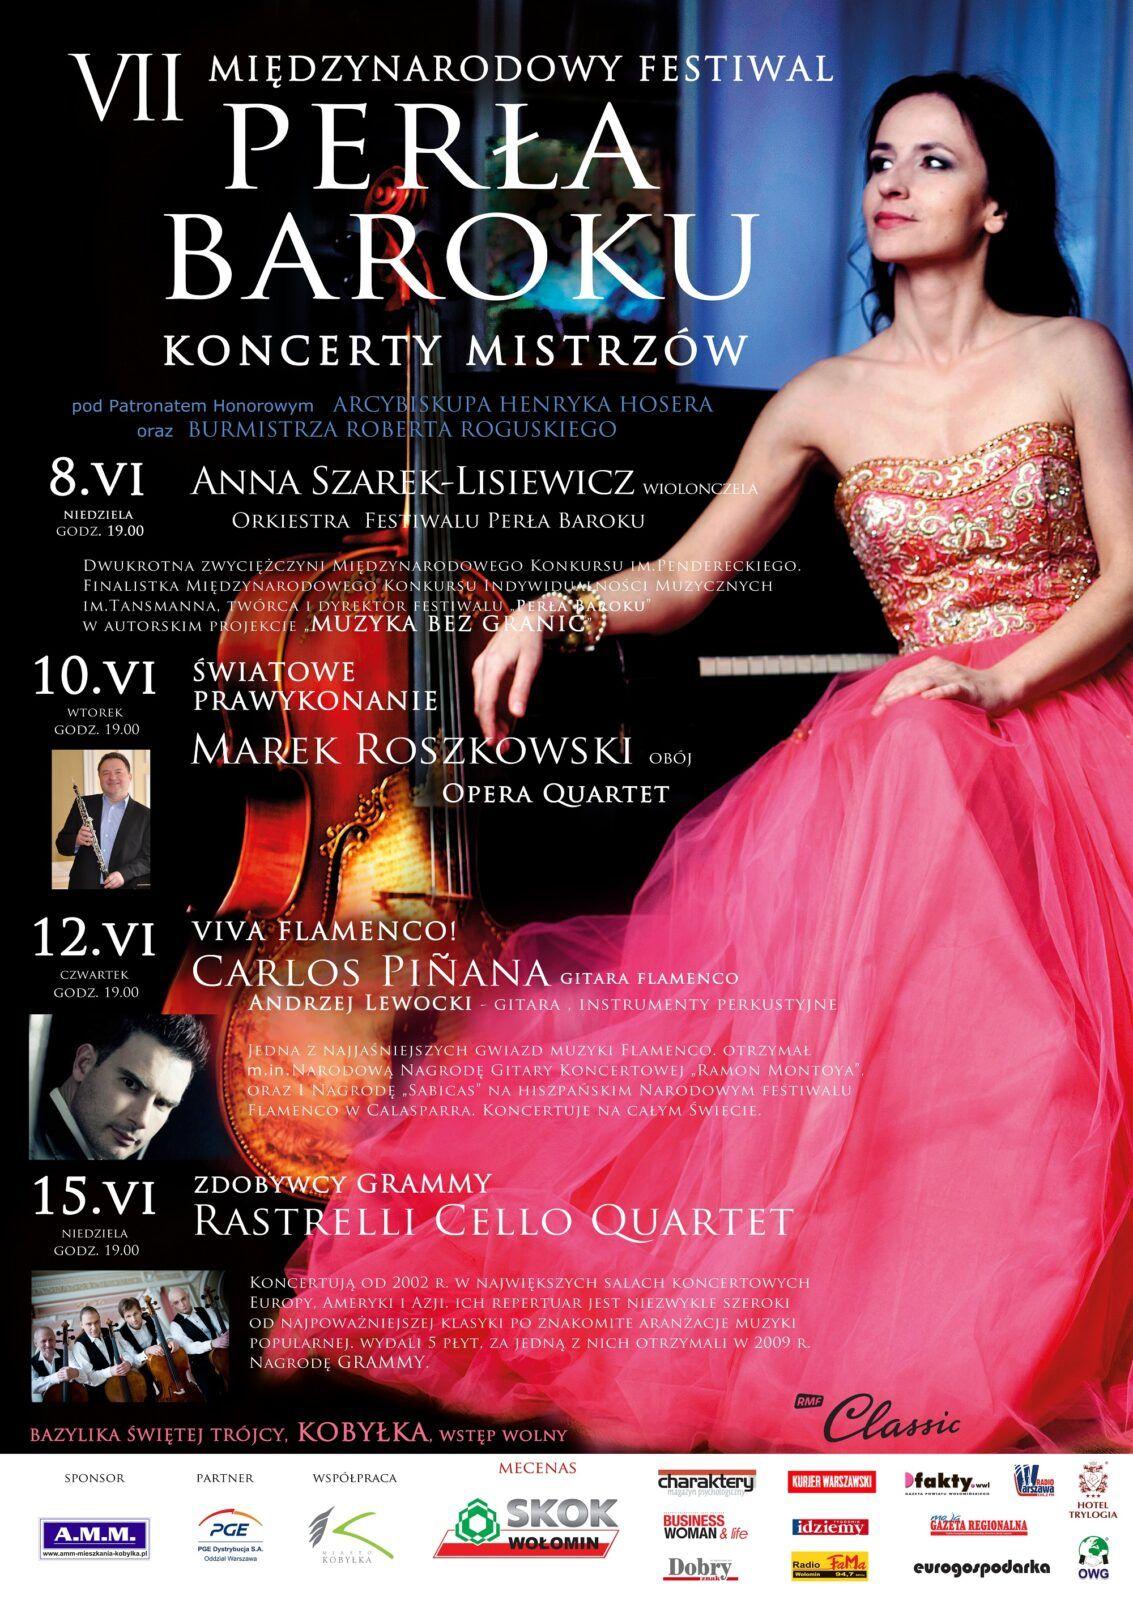 VII Miedzynarodowy Festiwal Perła Baroku - Koncerty Mistrzów 2014